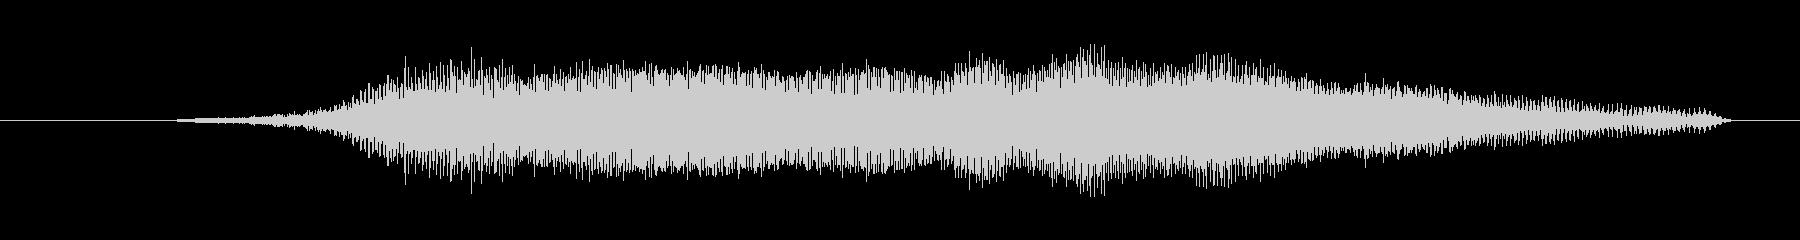 鳴き声 リトルガールラフ03の未再生の波形